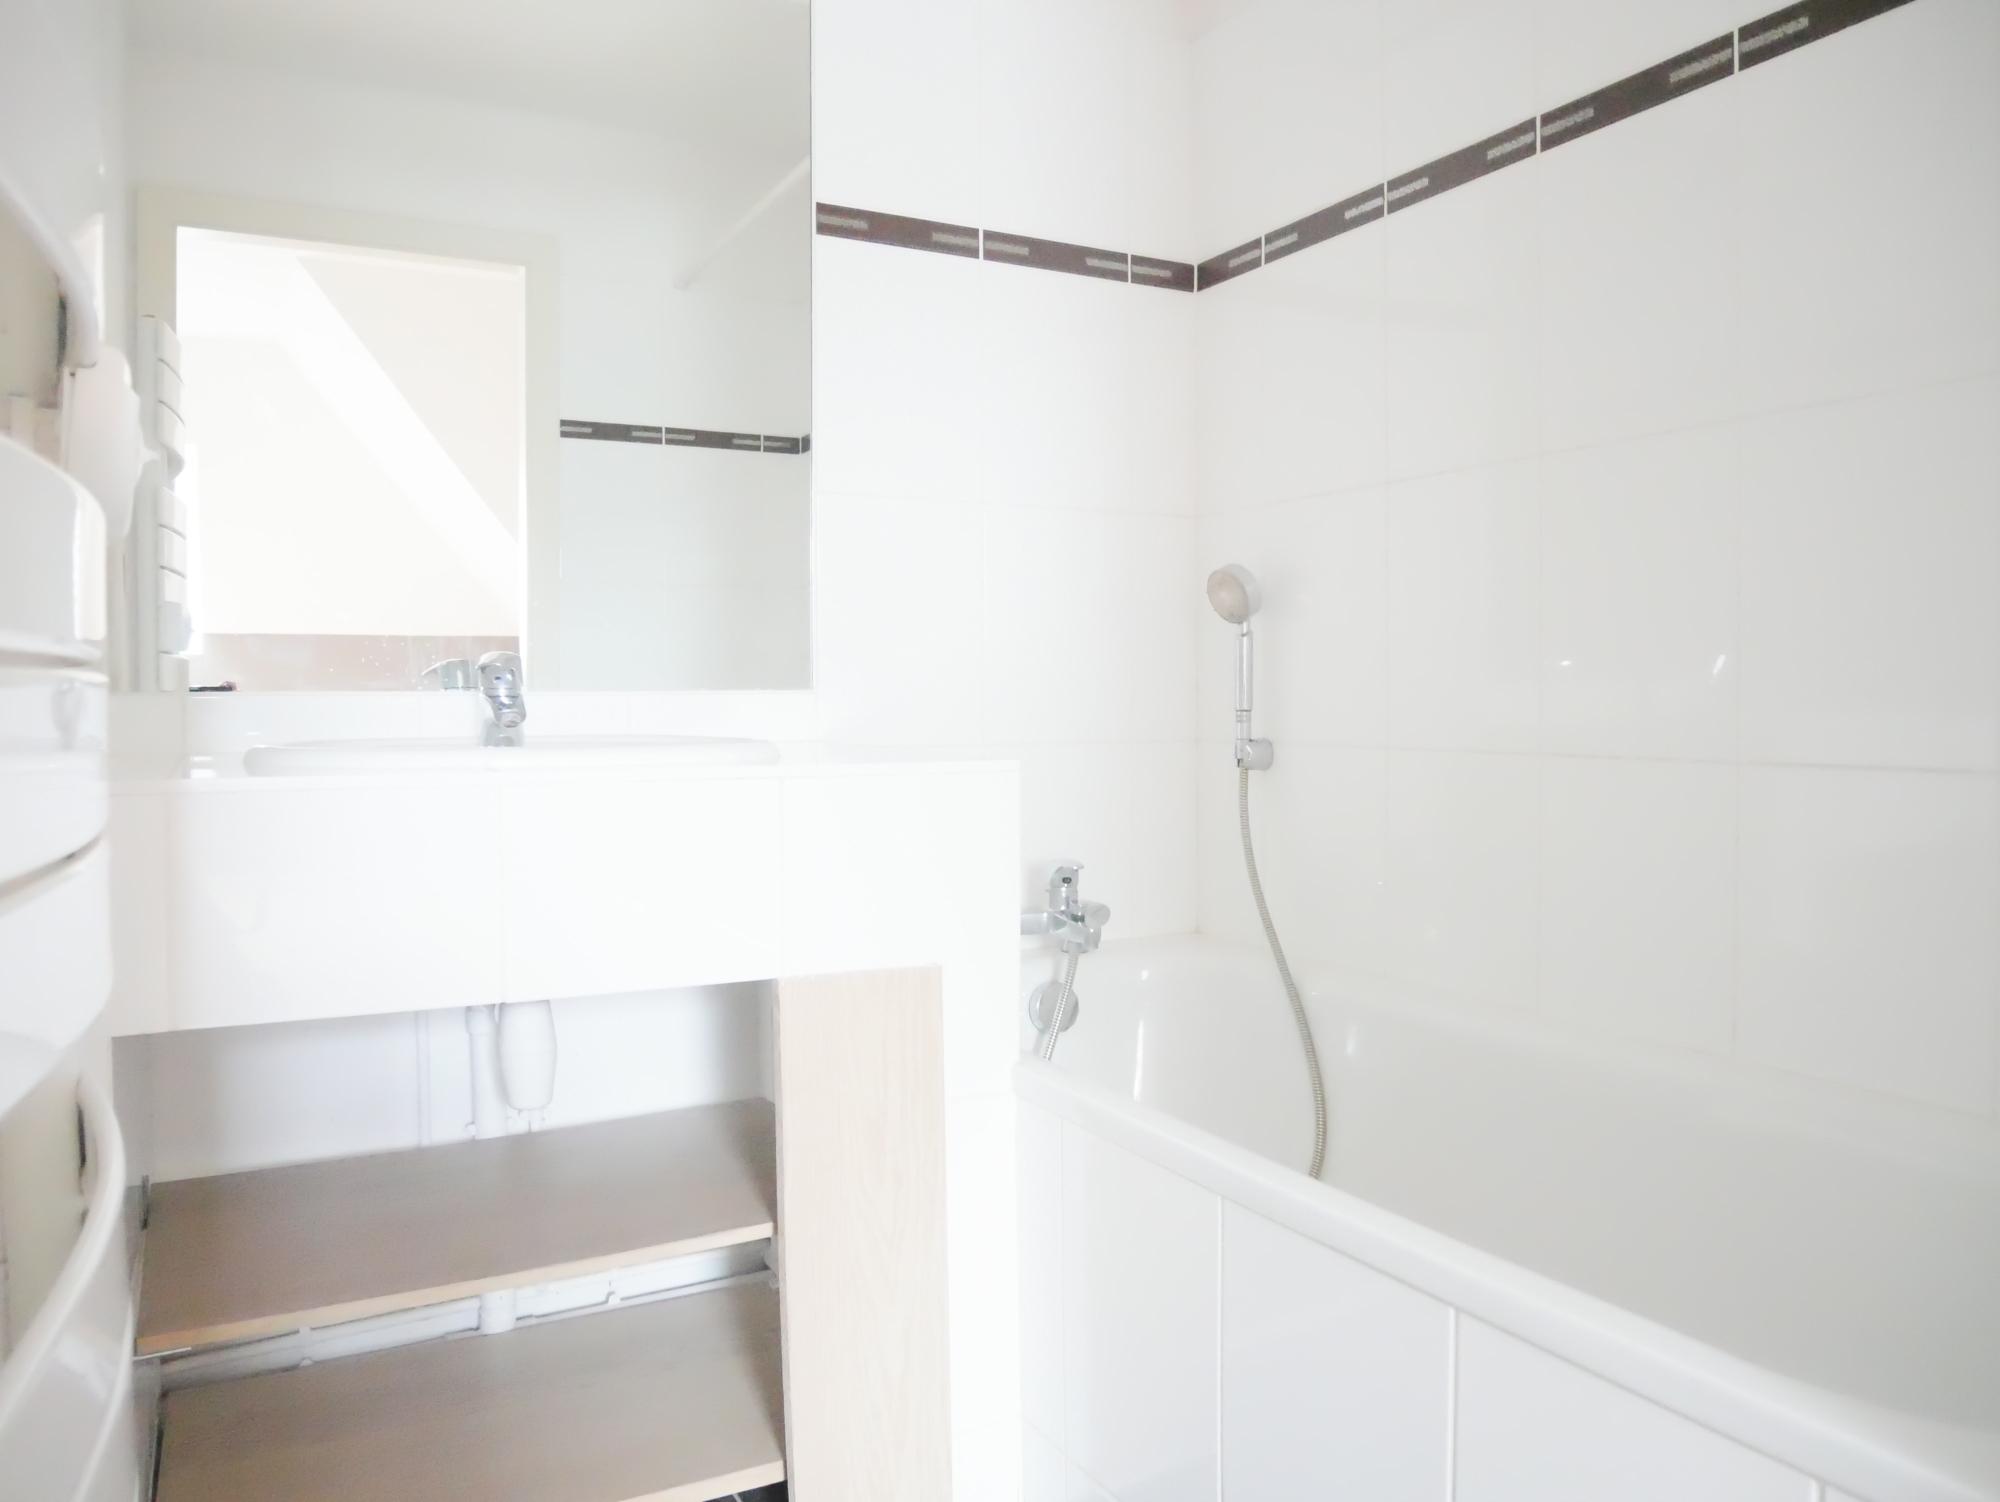 [Lumière] Lumineux 3 pièces en duplex - Stockfeld / rue de la Faisanderie - nos locations - Beausite Immobilier 8